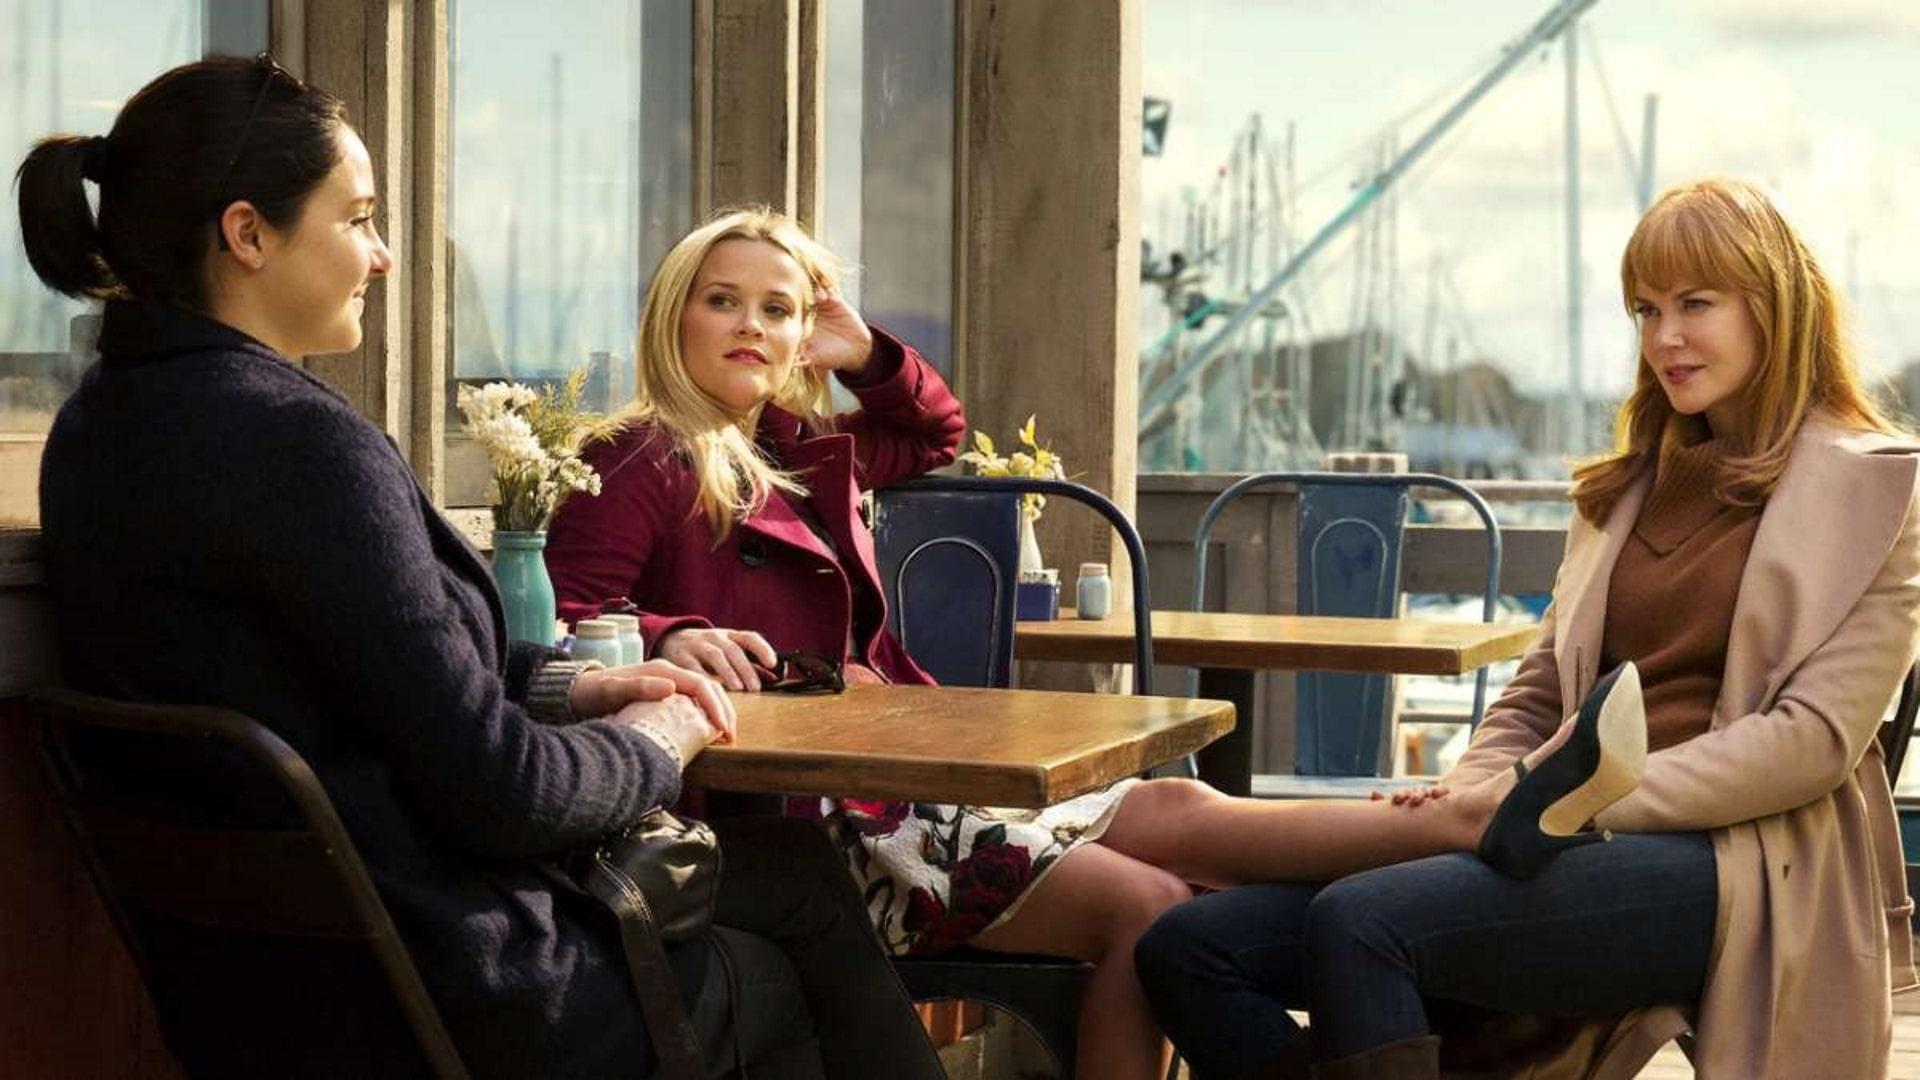 Big Little Lies - Season 2 - Watch Online Movies & TV Episodes on